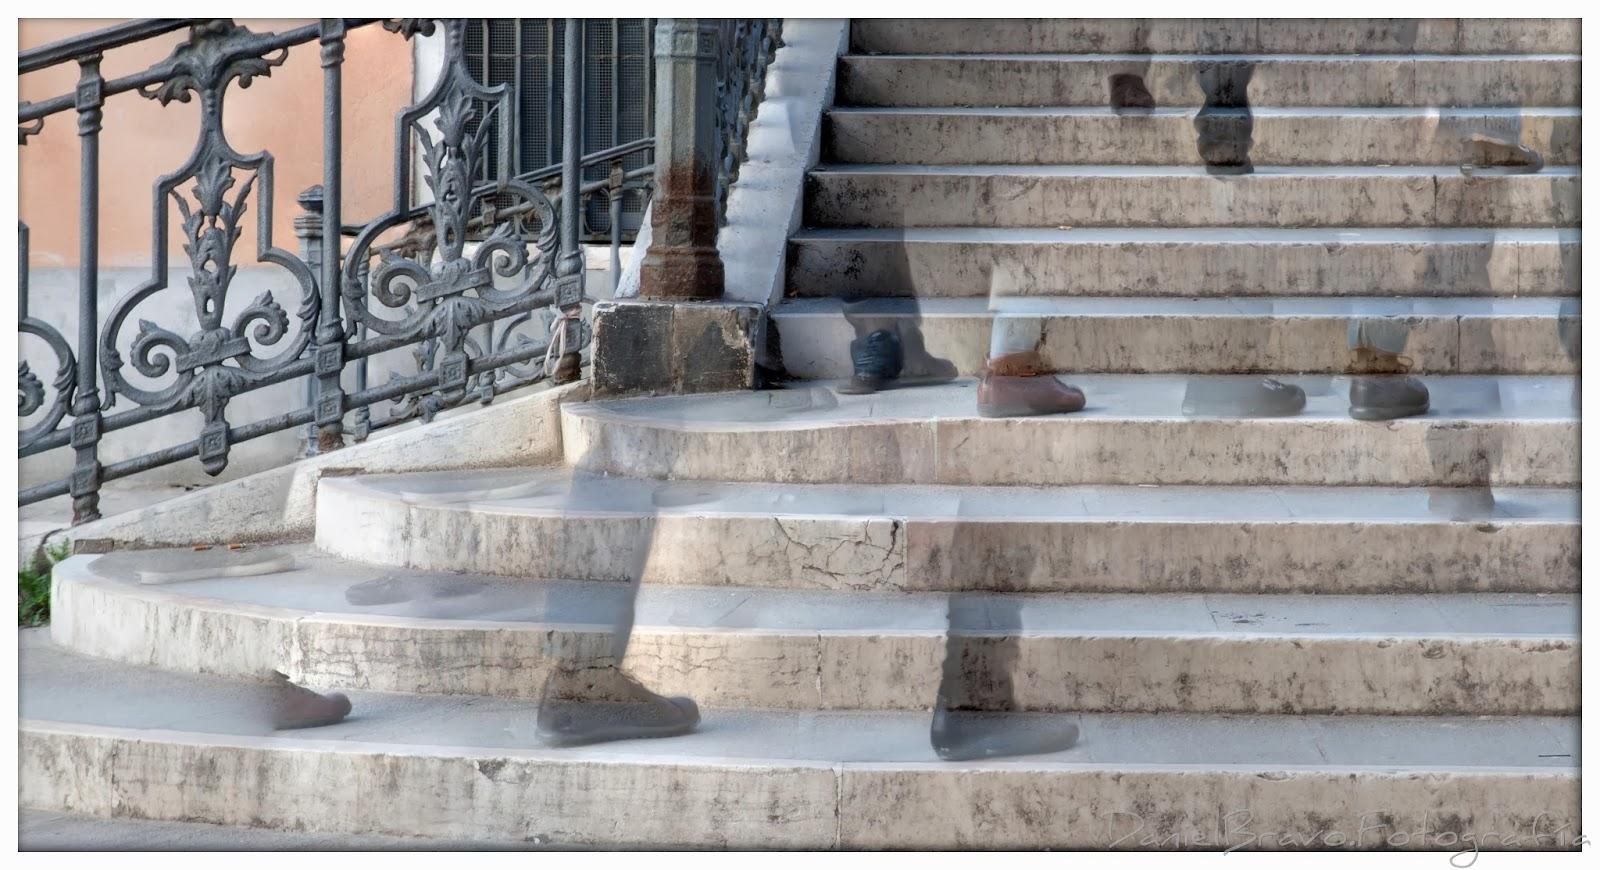 PErsonas subiendo y bajando por las escaleras de un puente en Venecia